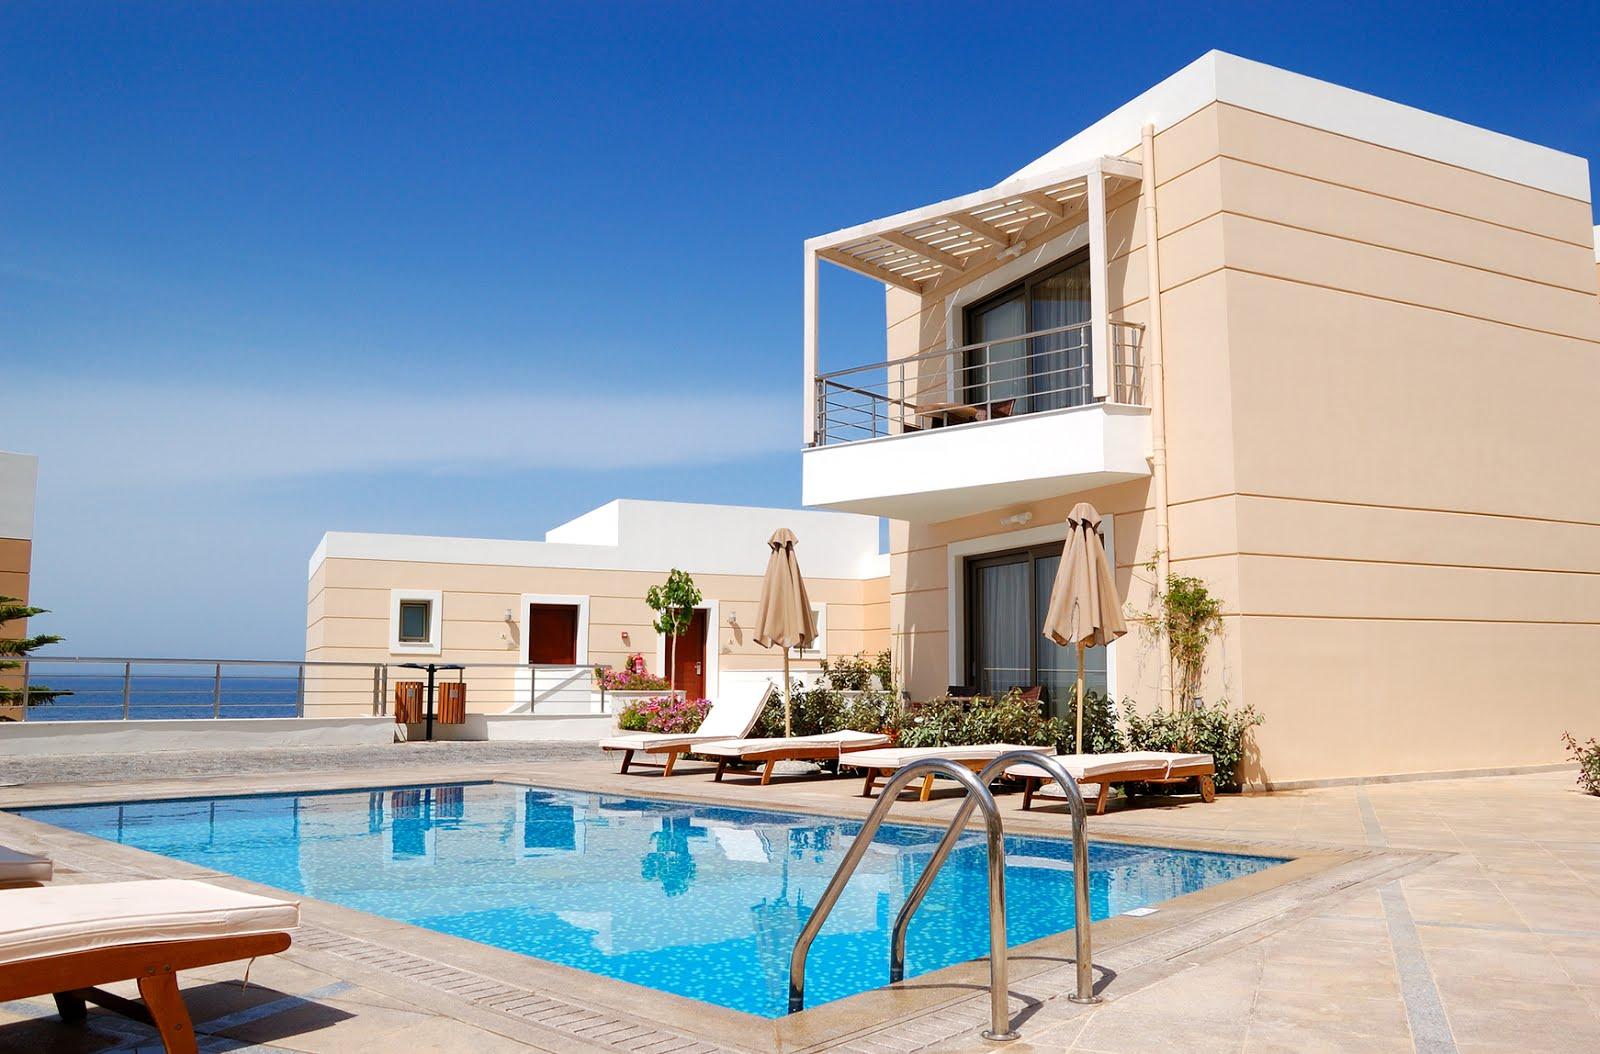 Banco de im genes residencia junto a la playa con hermosa for Piani del cortile con piscine